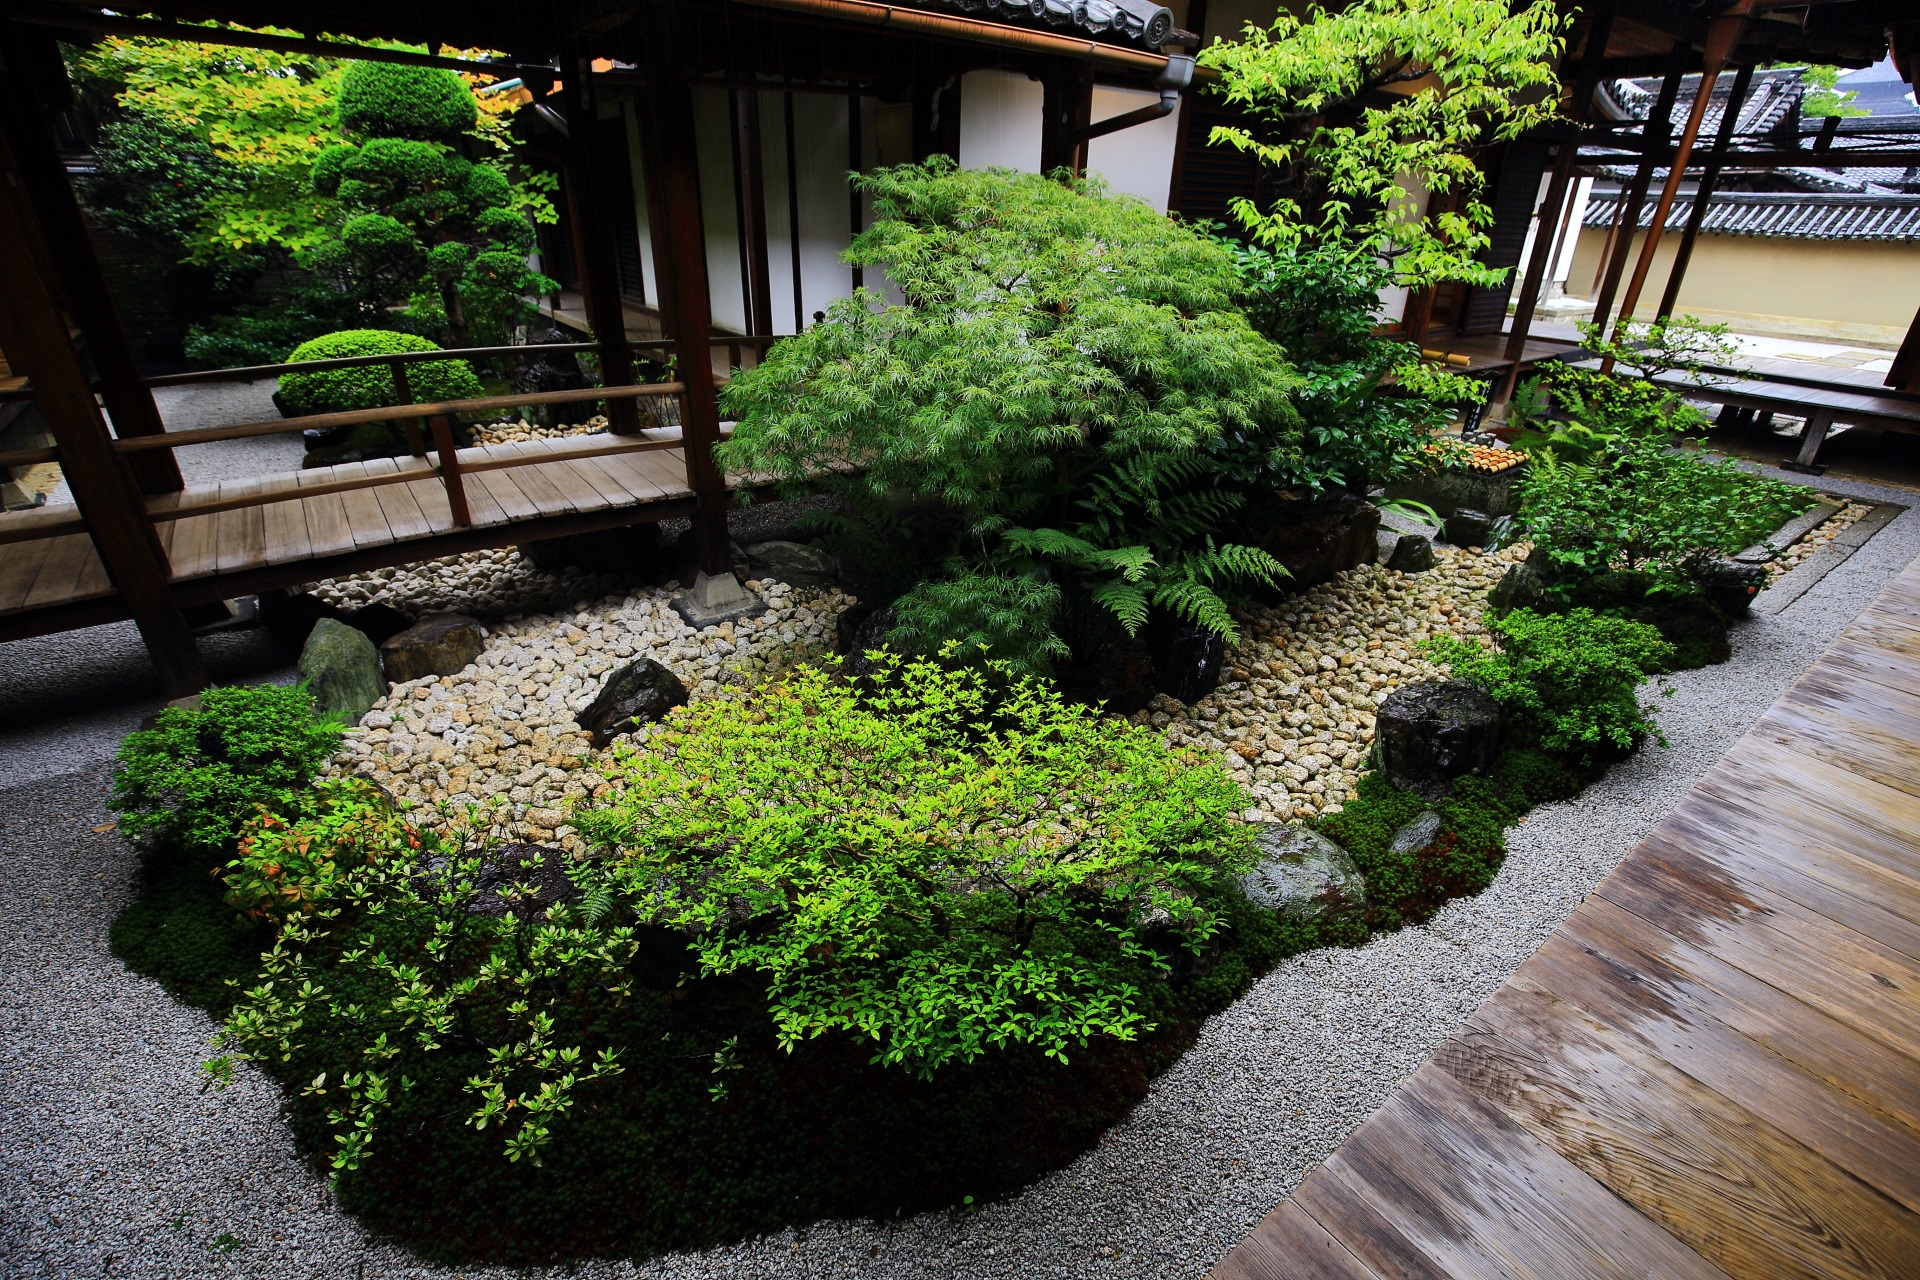 観智院 庭園 多様な枯山水と風情ある露地庭